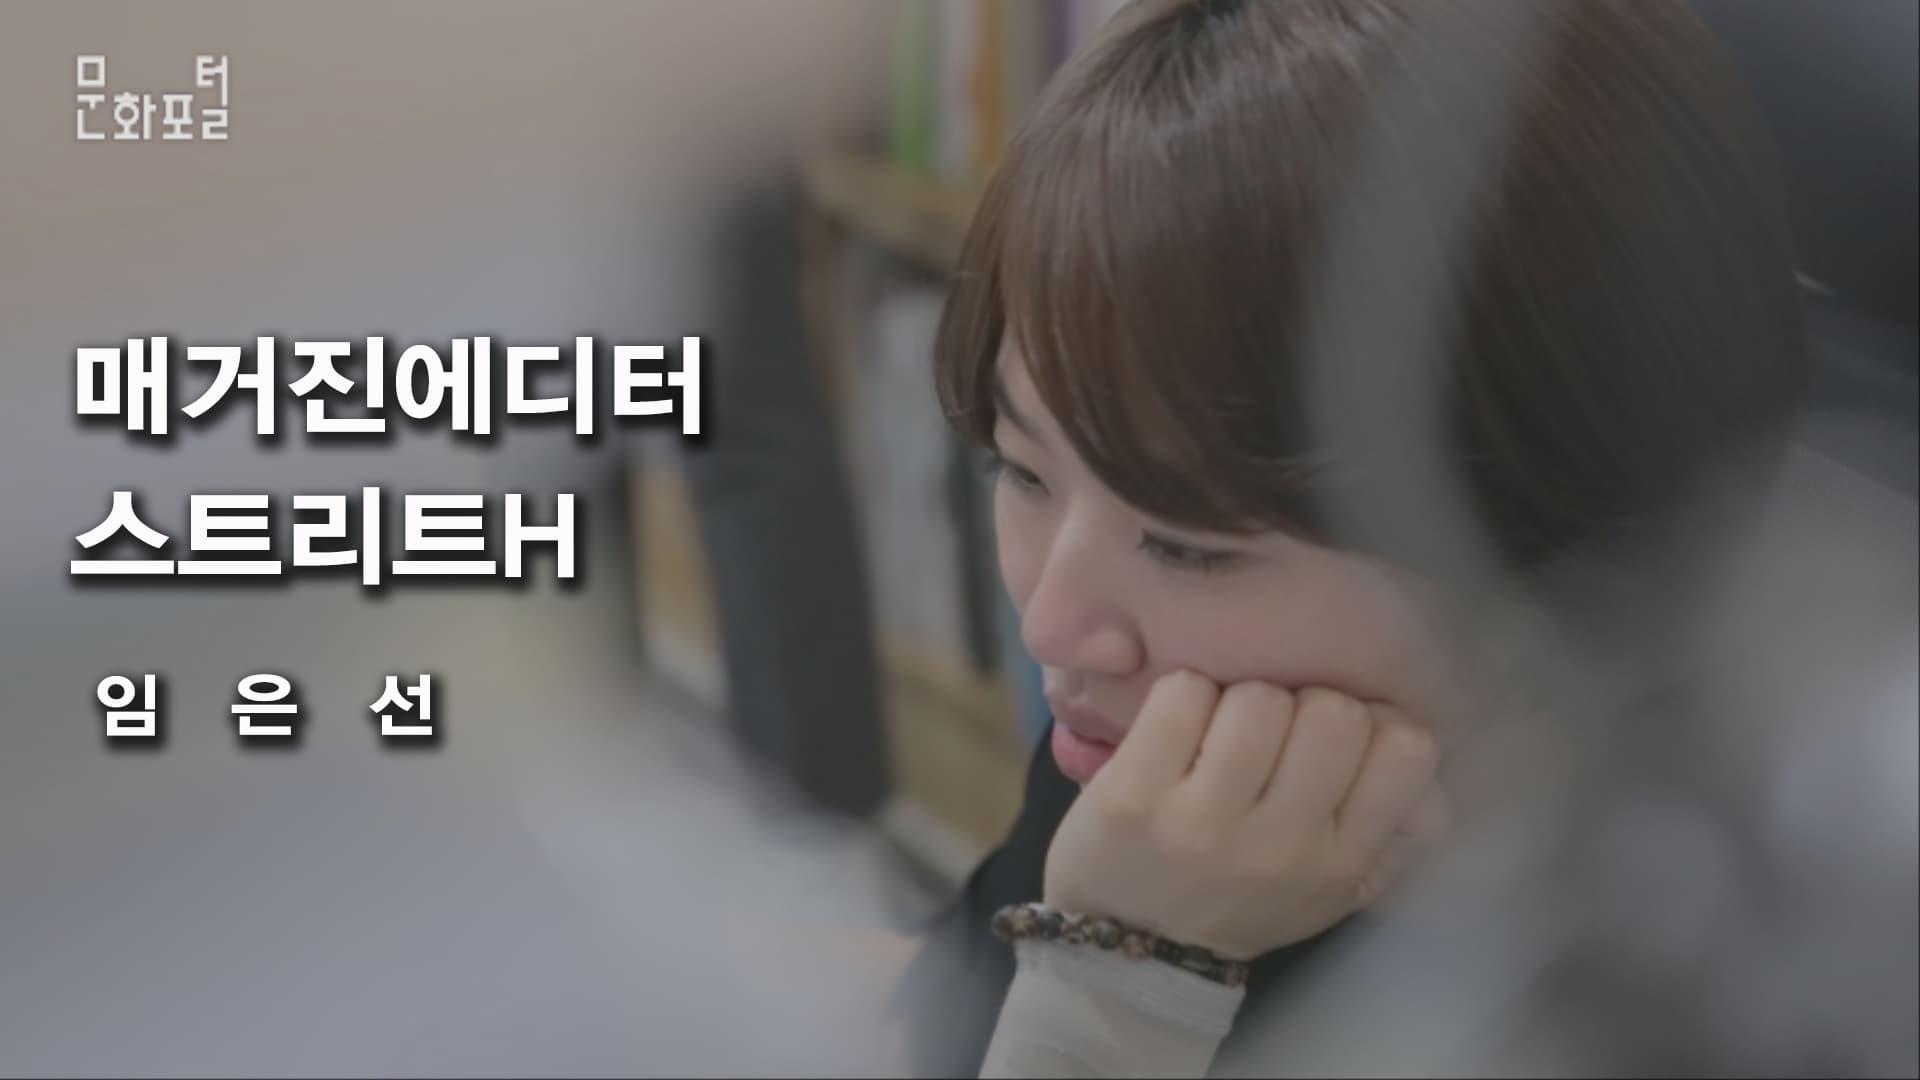 [문화직업30] 매거진에디터 편